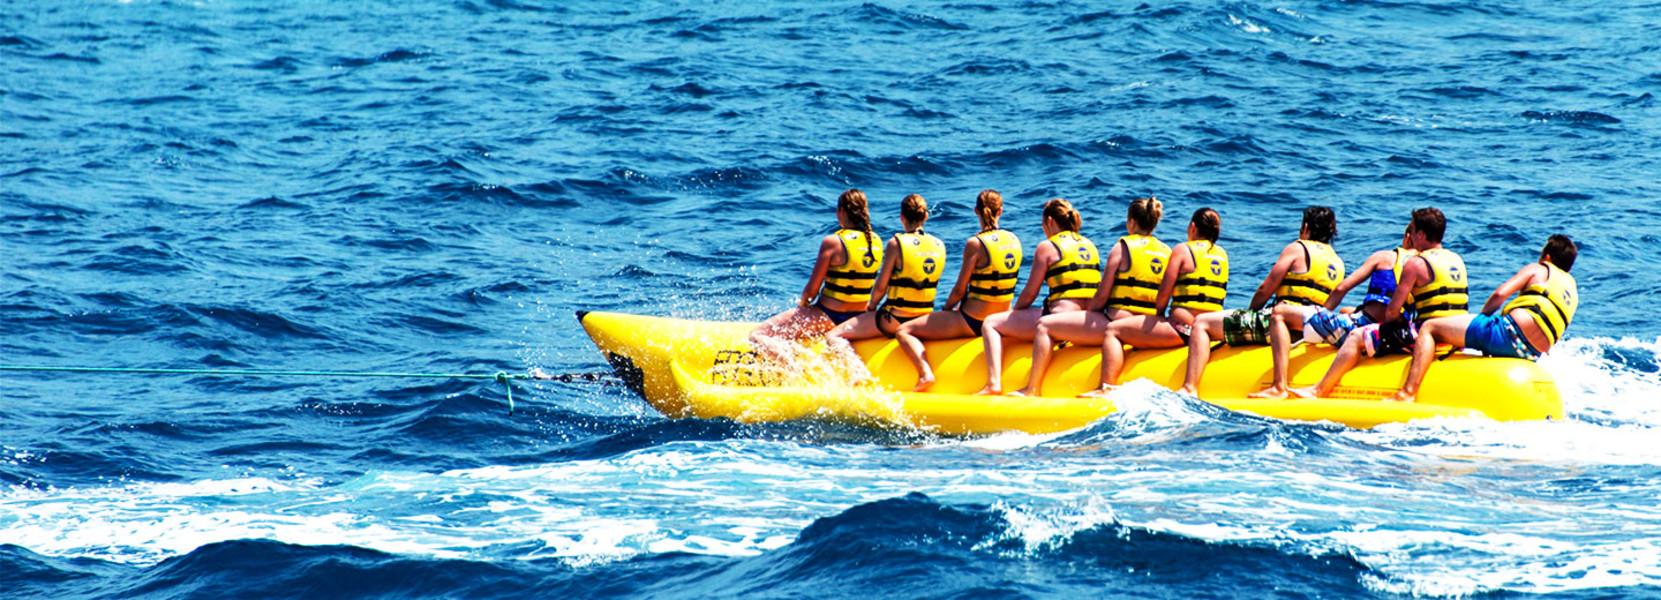 1,分界洲岛,蜈支洲岛,西岛,观光和玩水,水上摩托,水上飞鱼,水上香蕉